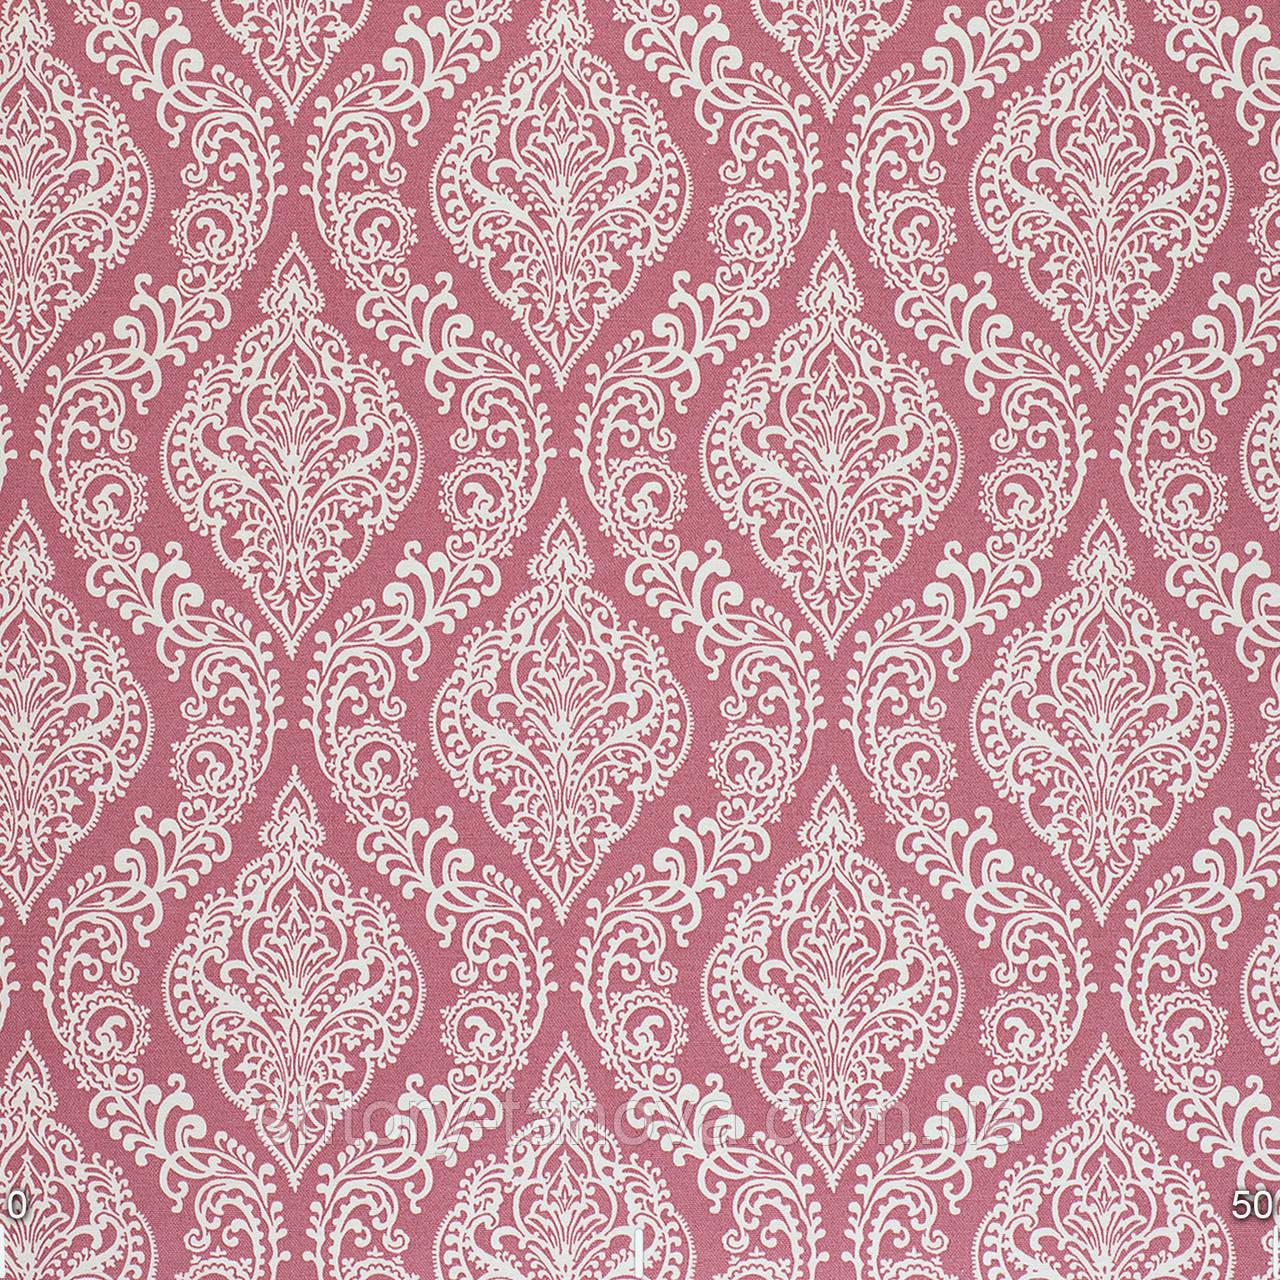 Шторы римские с белыми узорами на розовом фоне Турция